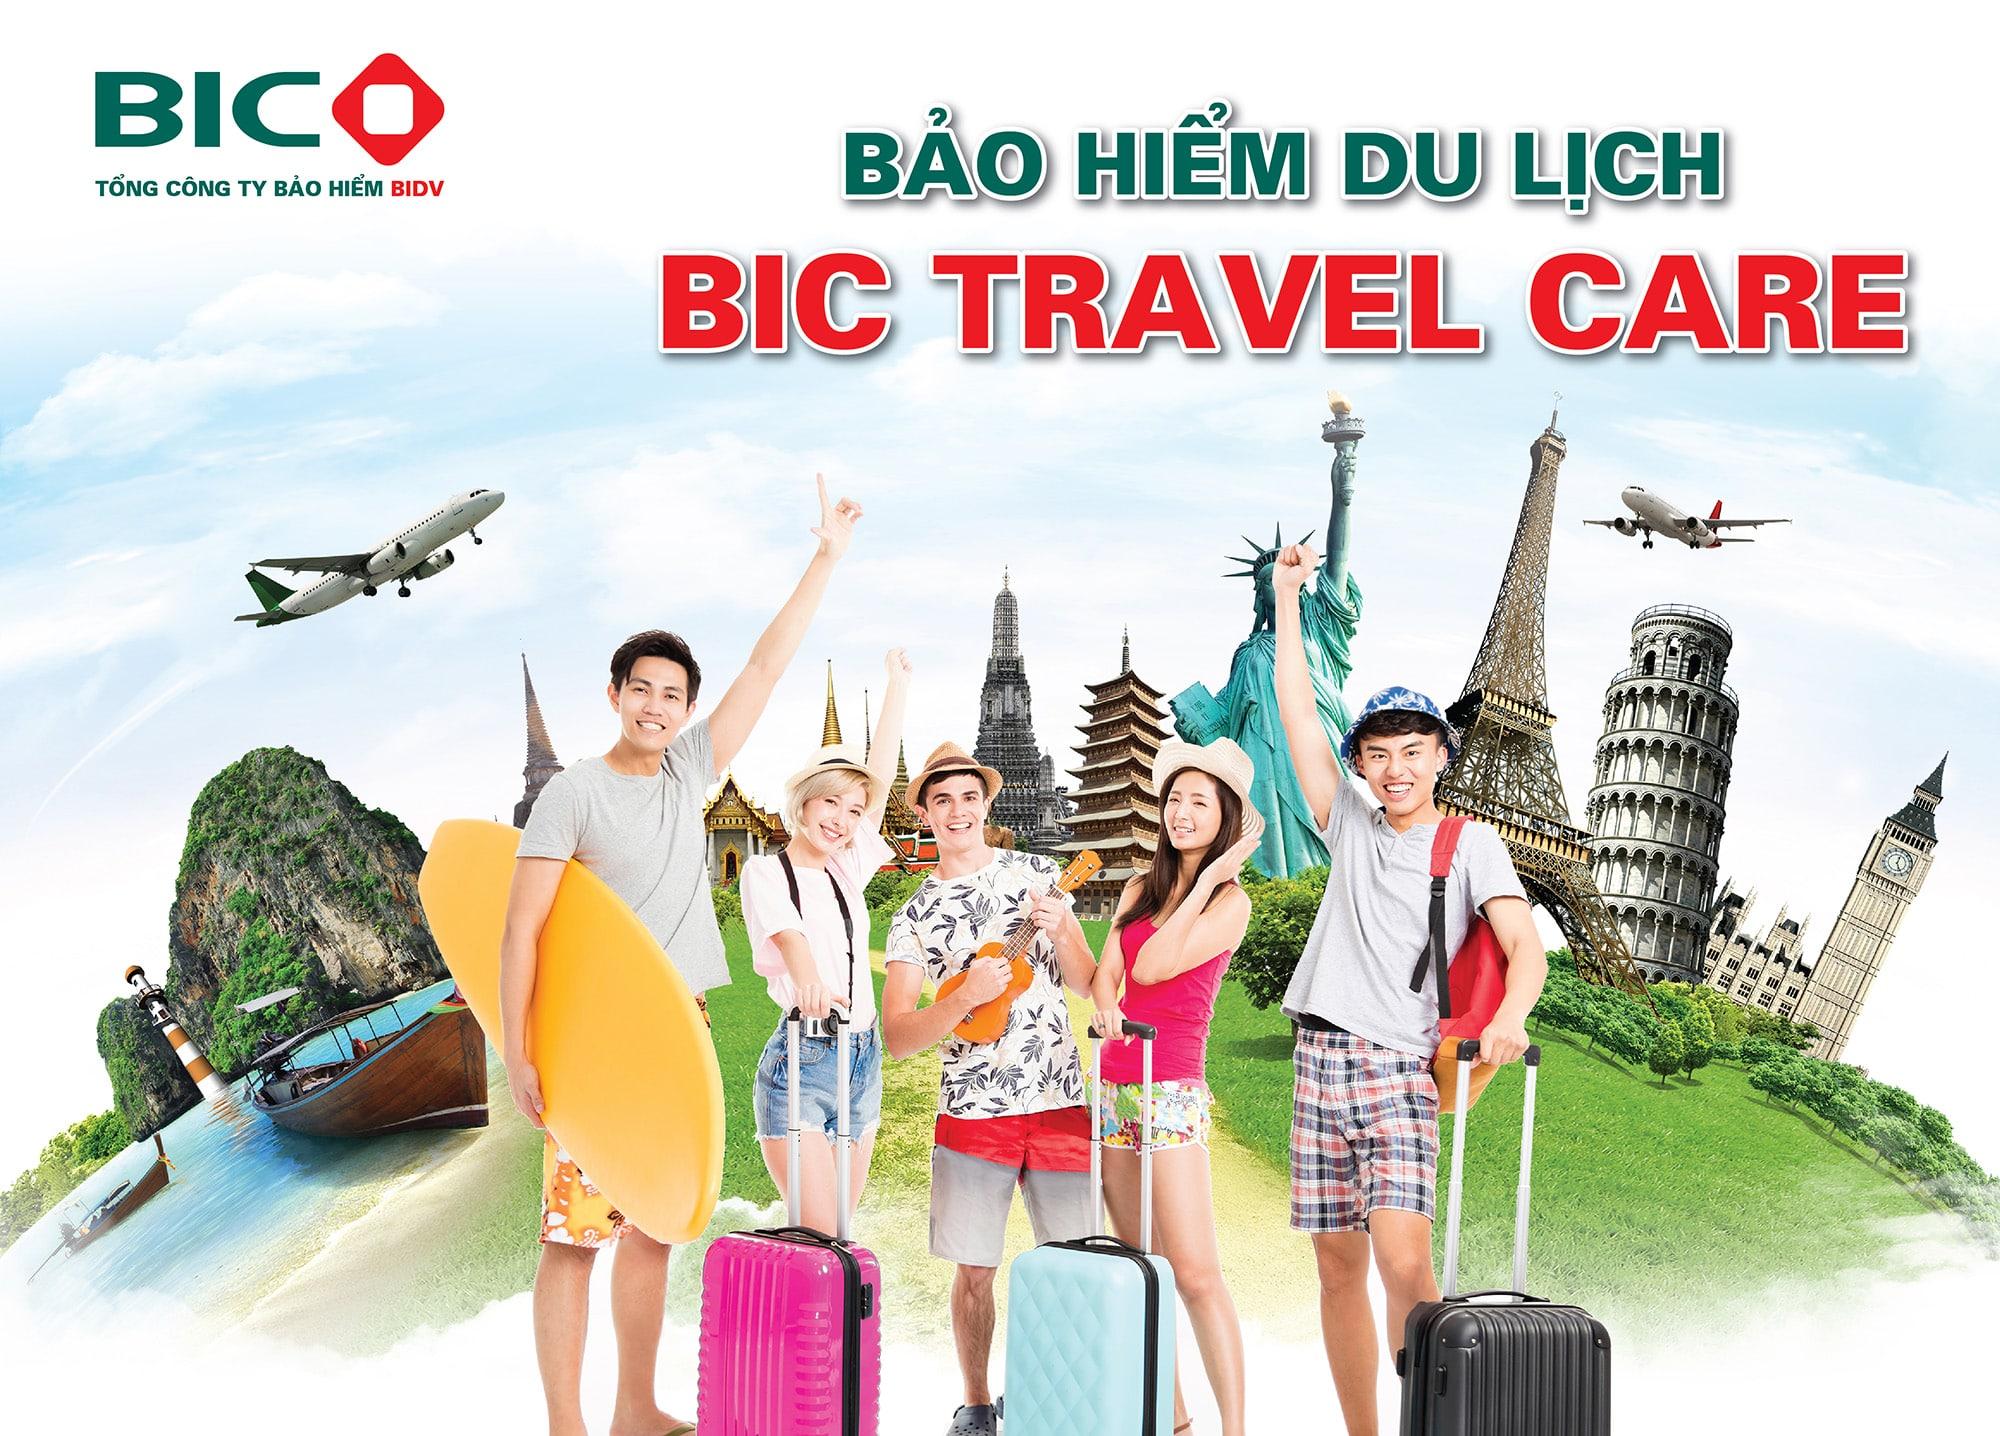 BIC ra mắt sản phẩm bảo hiểm du lịch phí tối thiểu chưa tới 1 USD/ngày